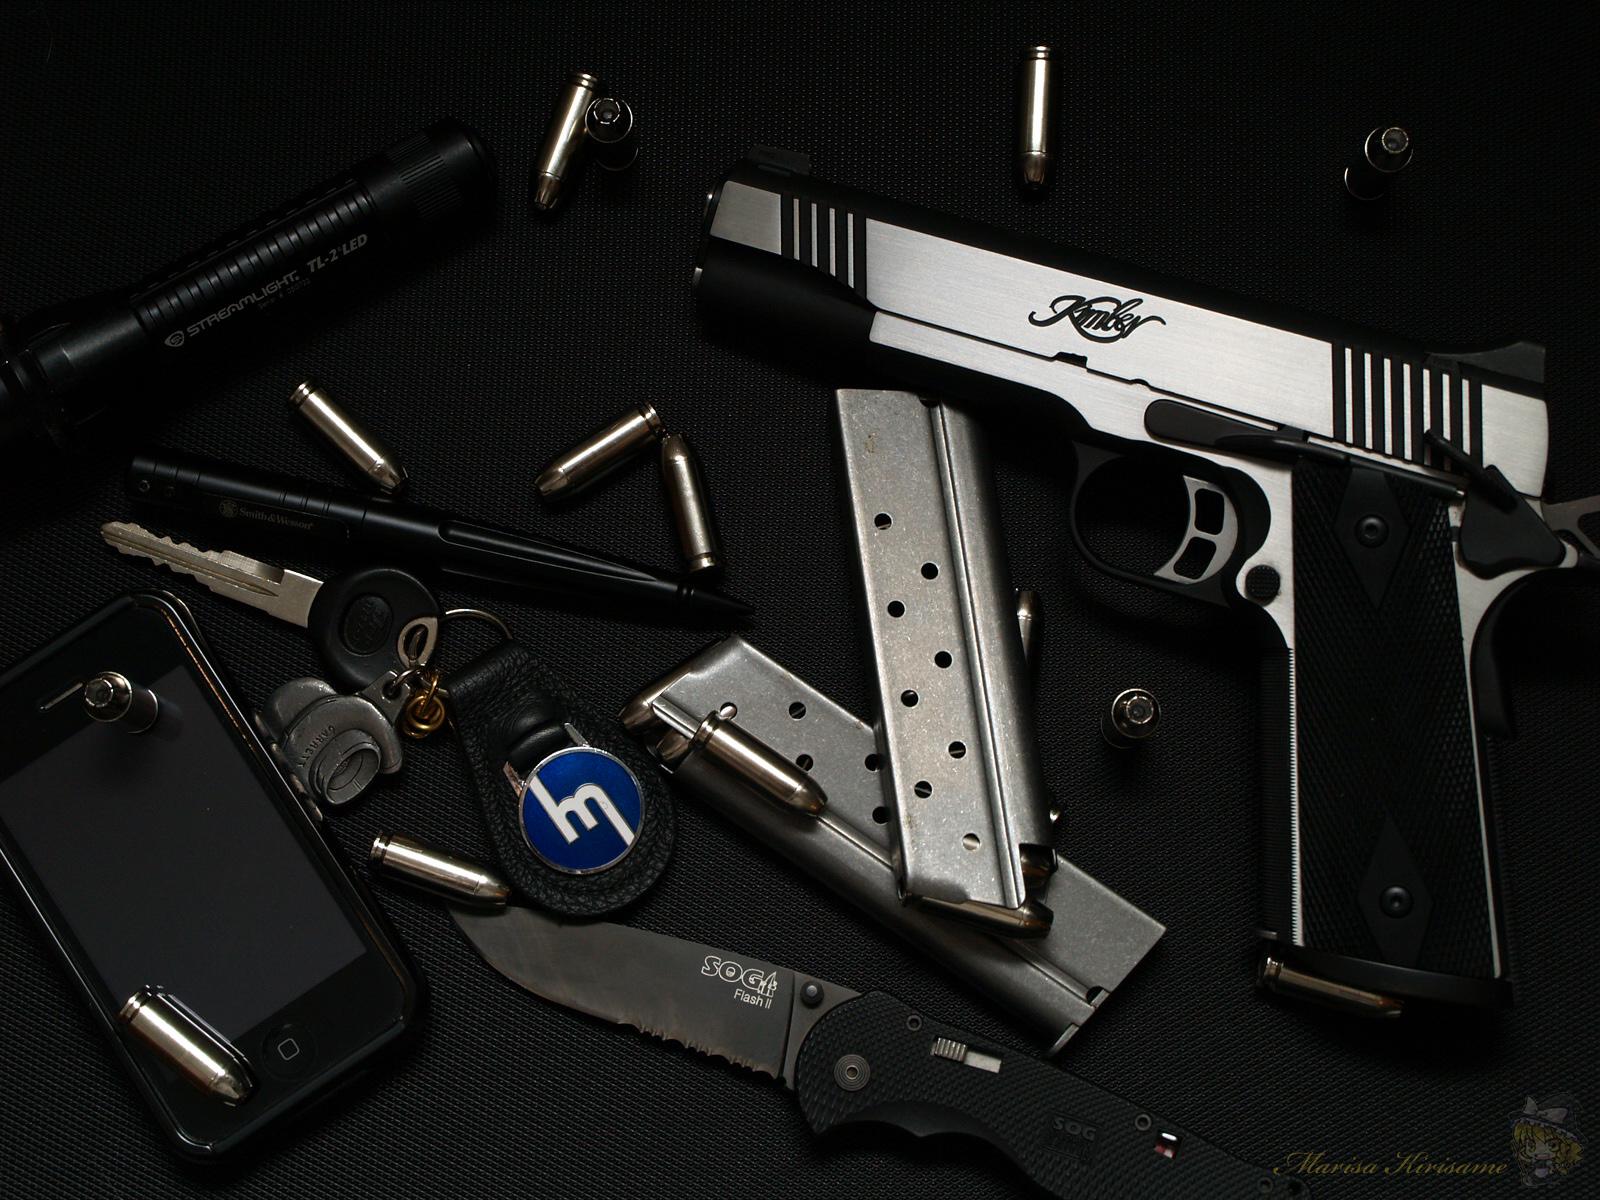 Kimber Pistol Wallpaper 20   1600 X 1200 stmednet 1600x1200